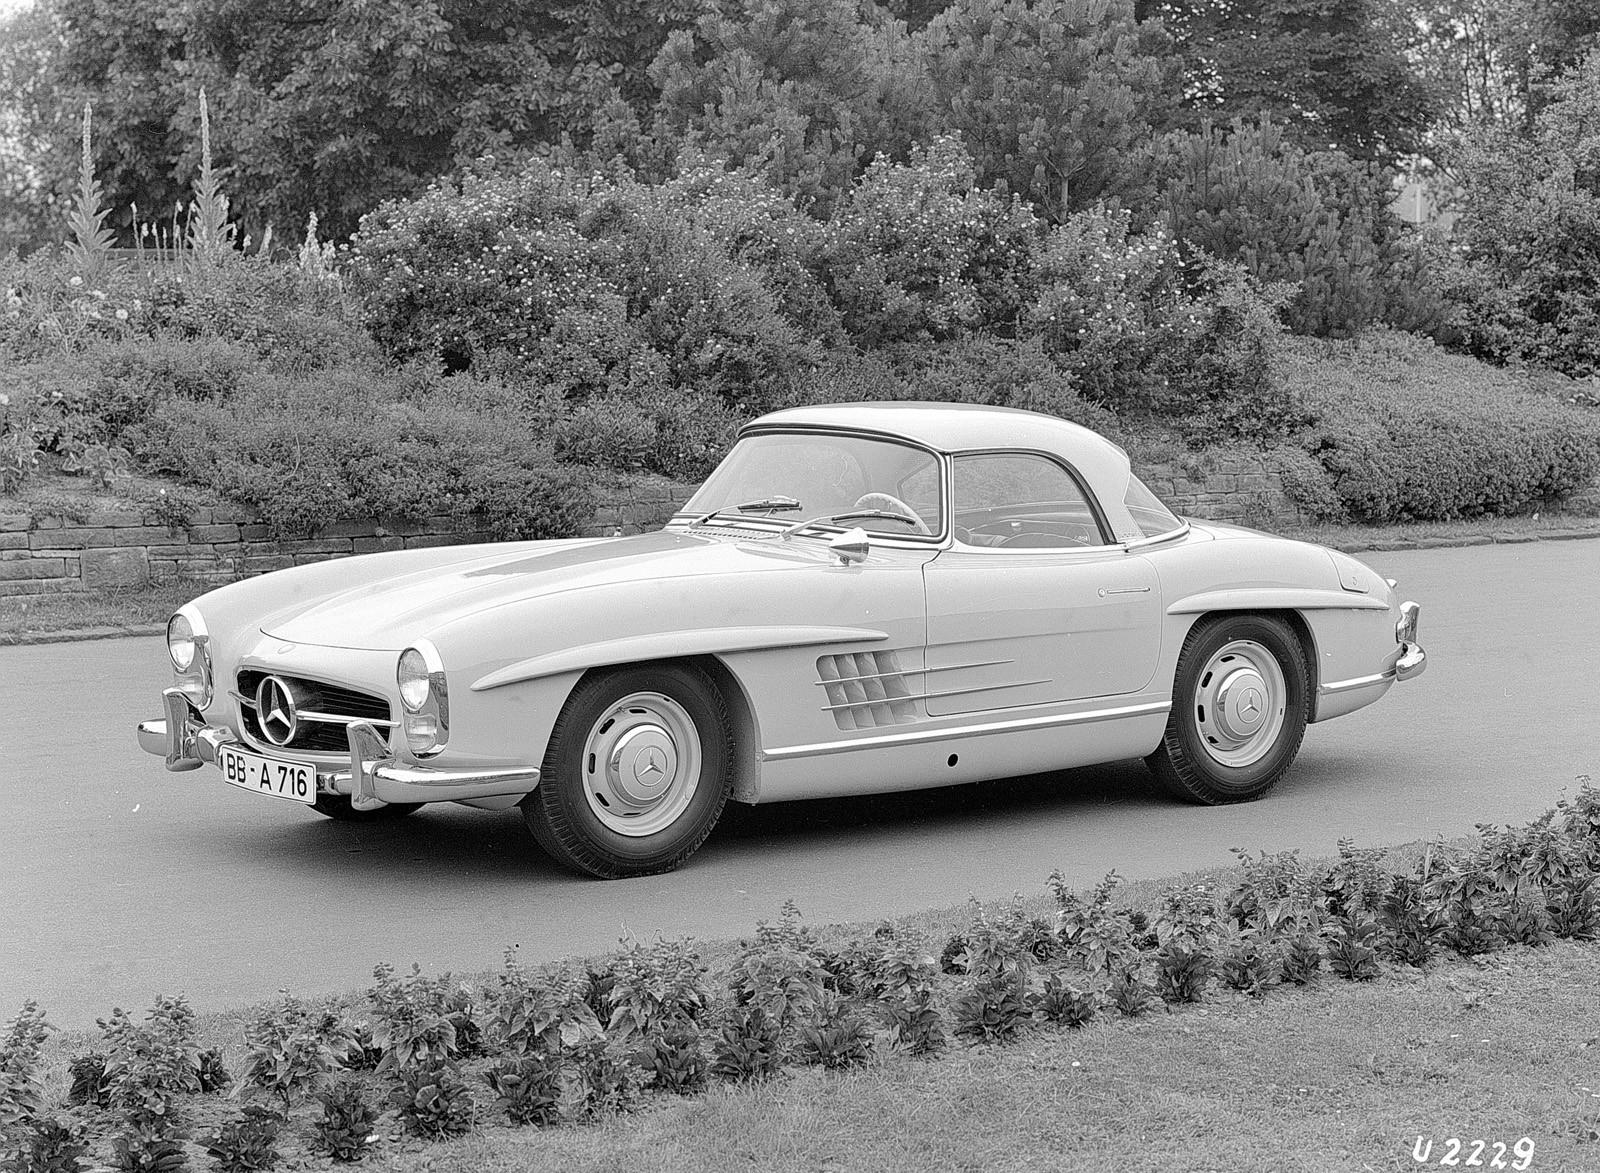 Foto de Mercedes 300 SL Roadster (60 aniversario) (8/21)